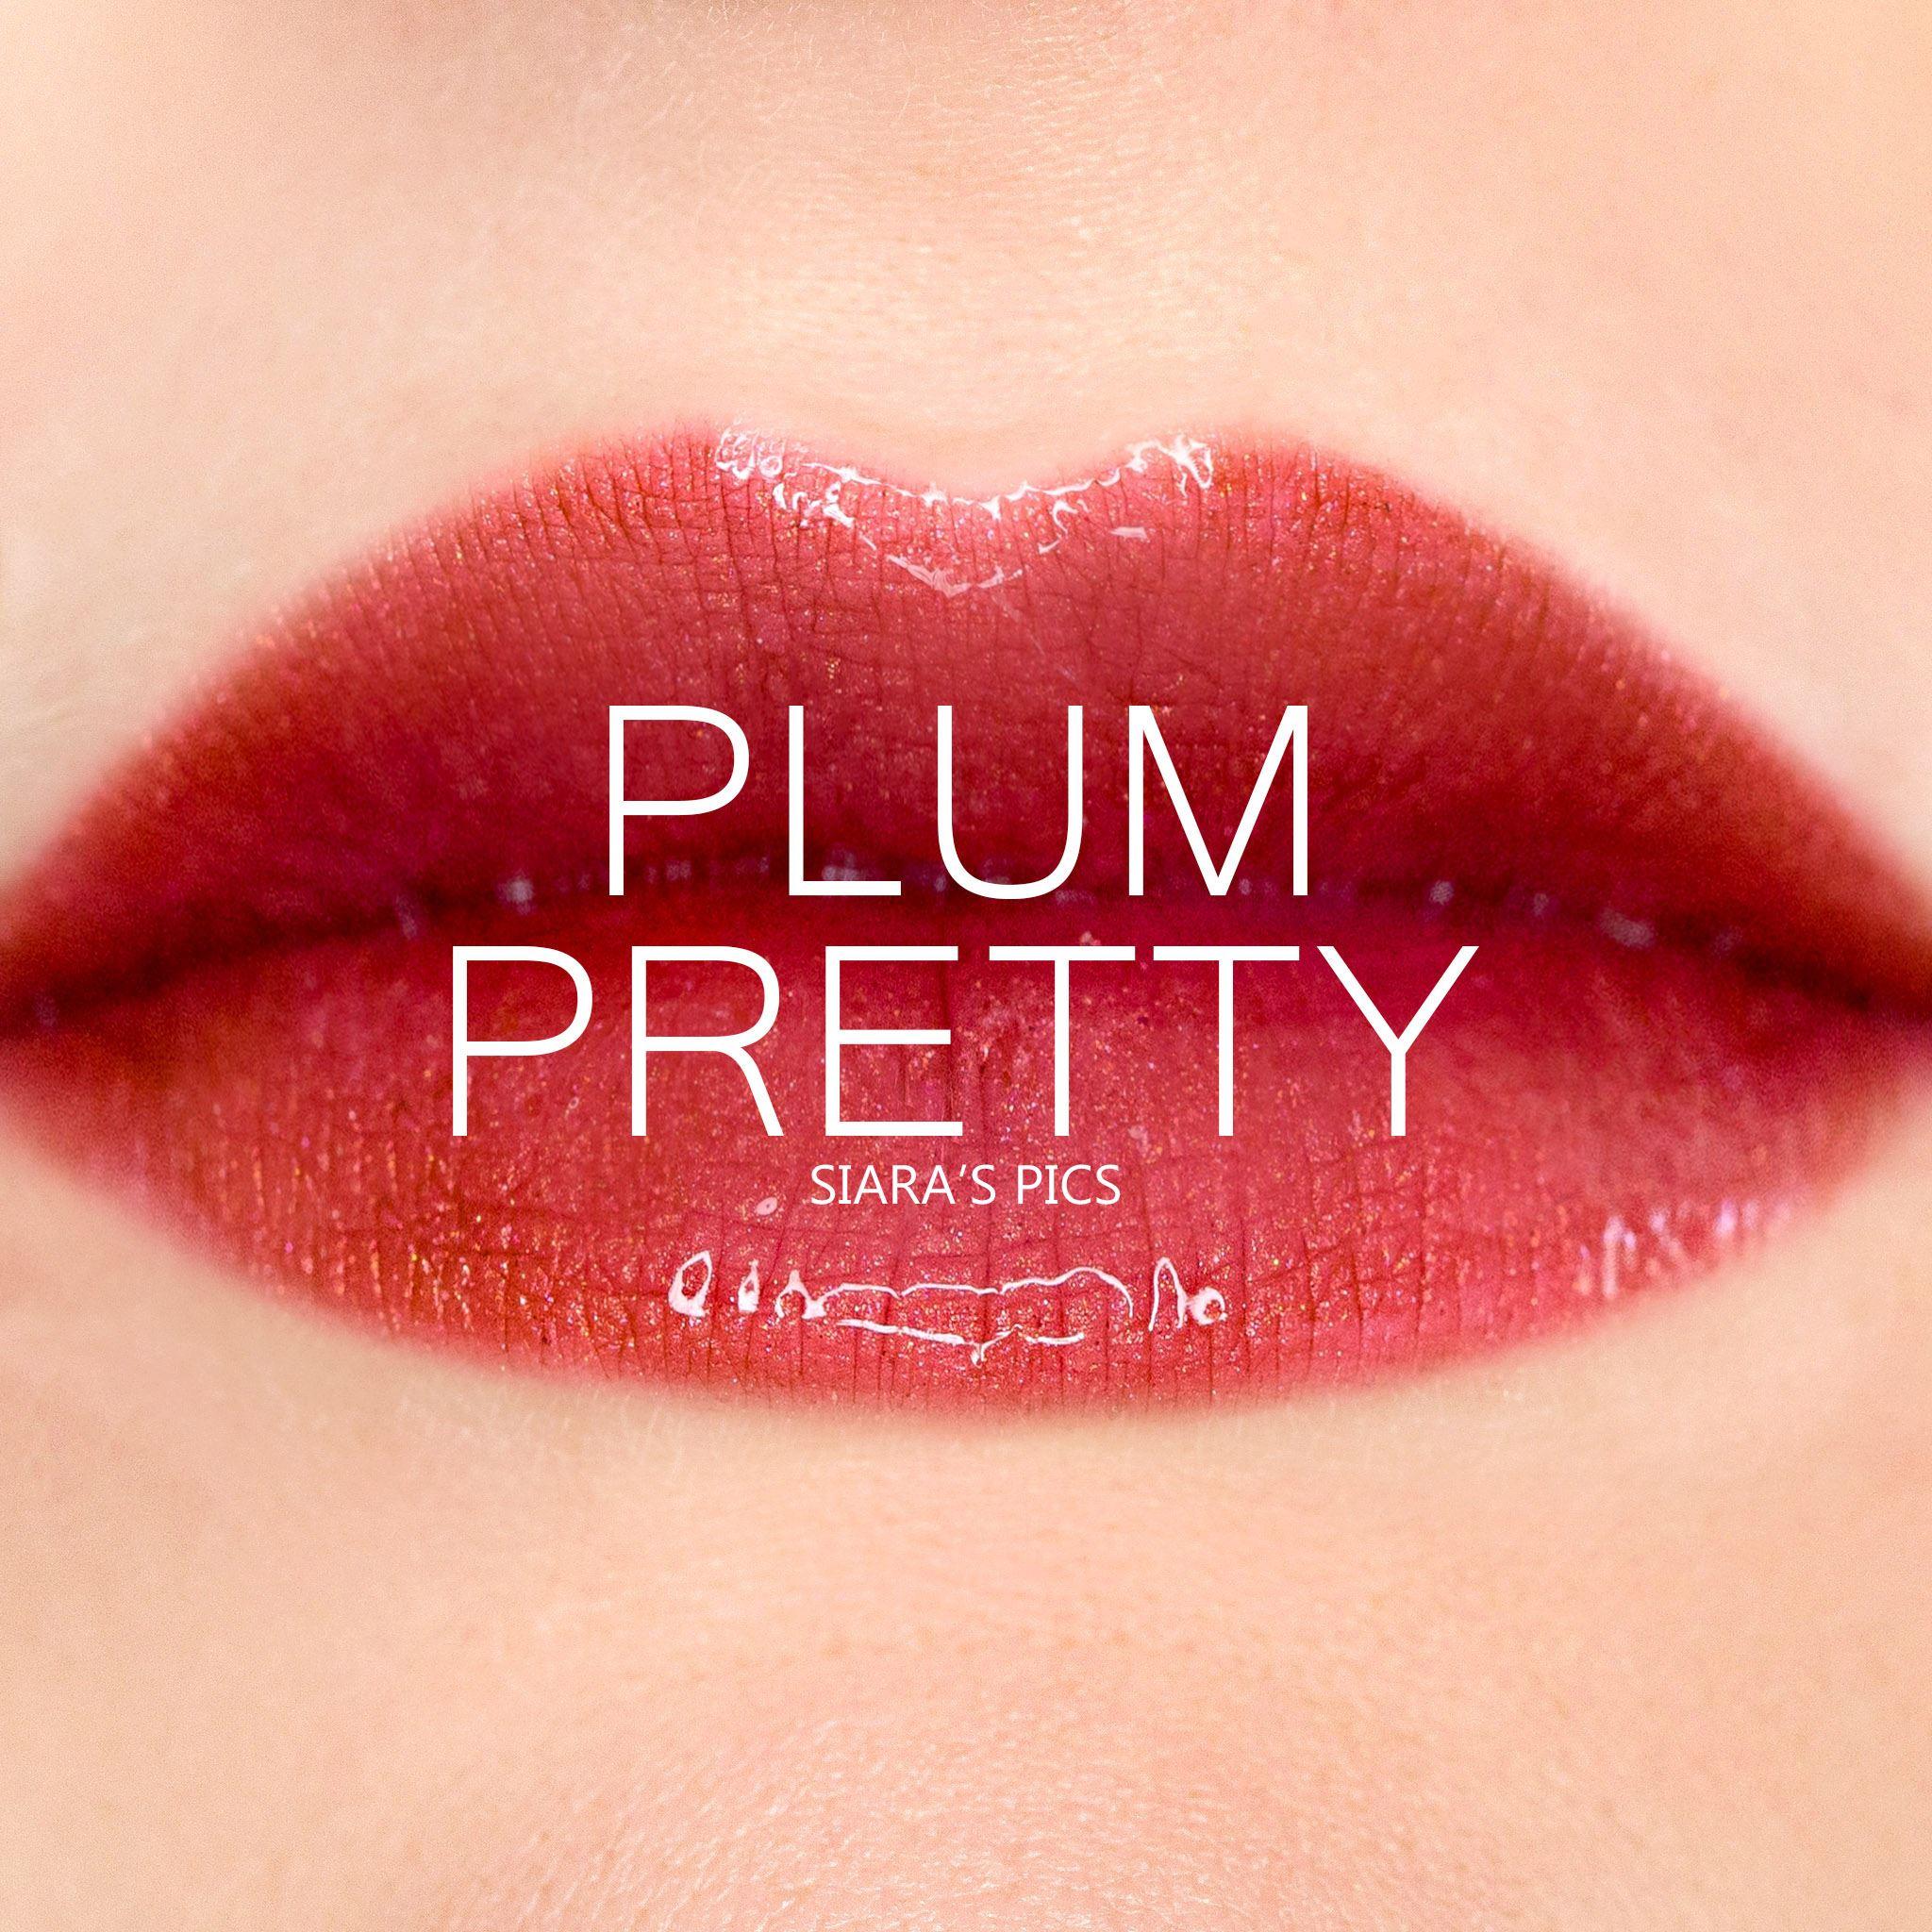 Plum Pretty.jpg